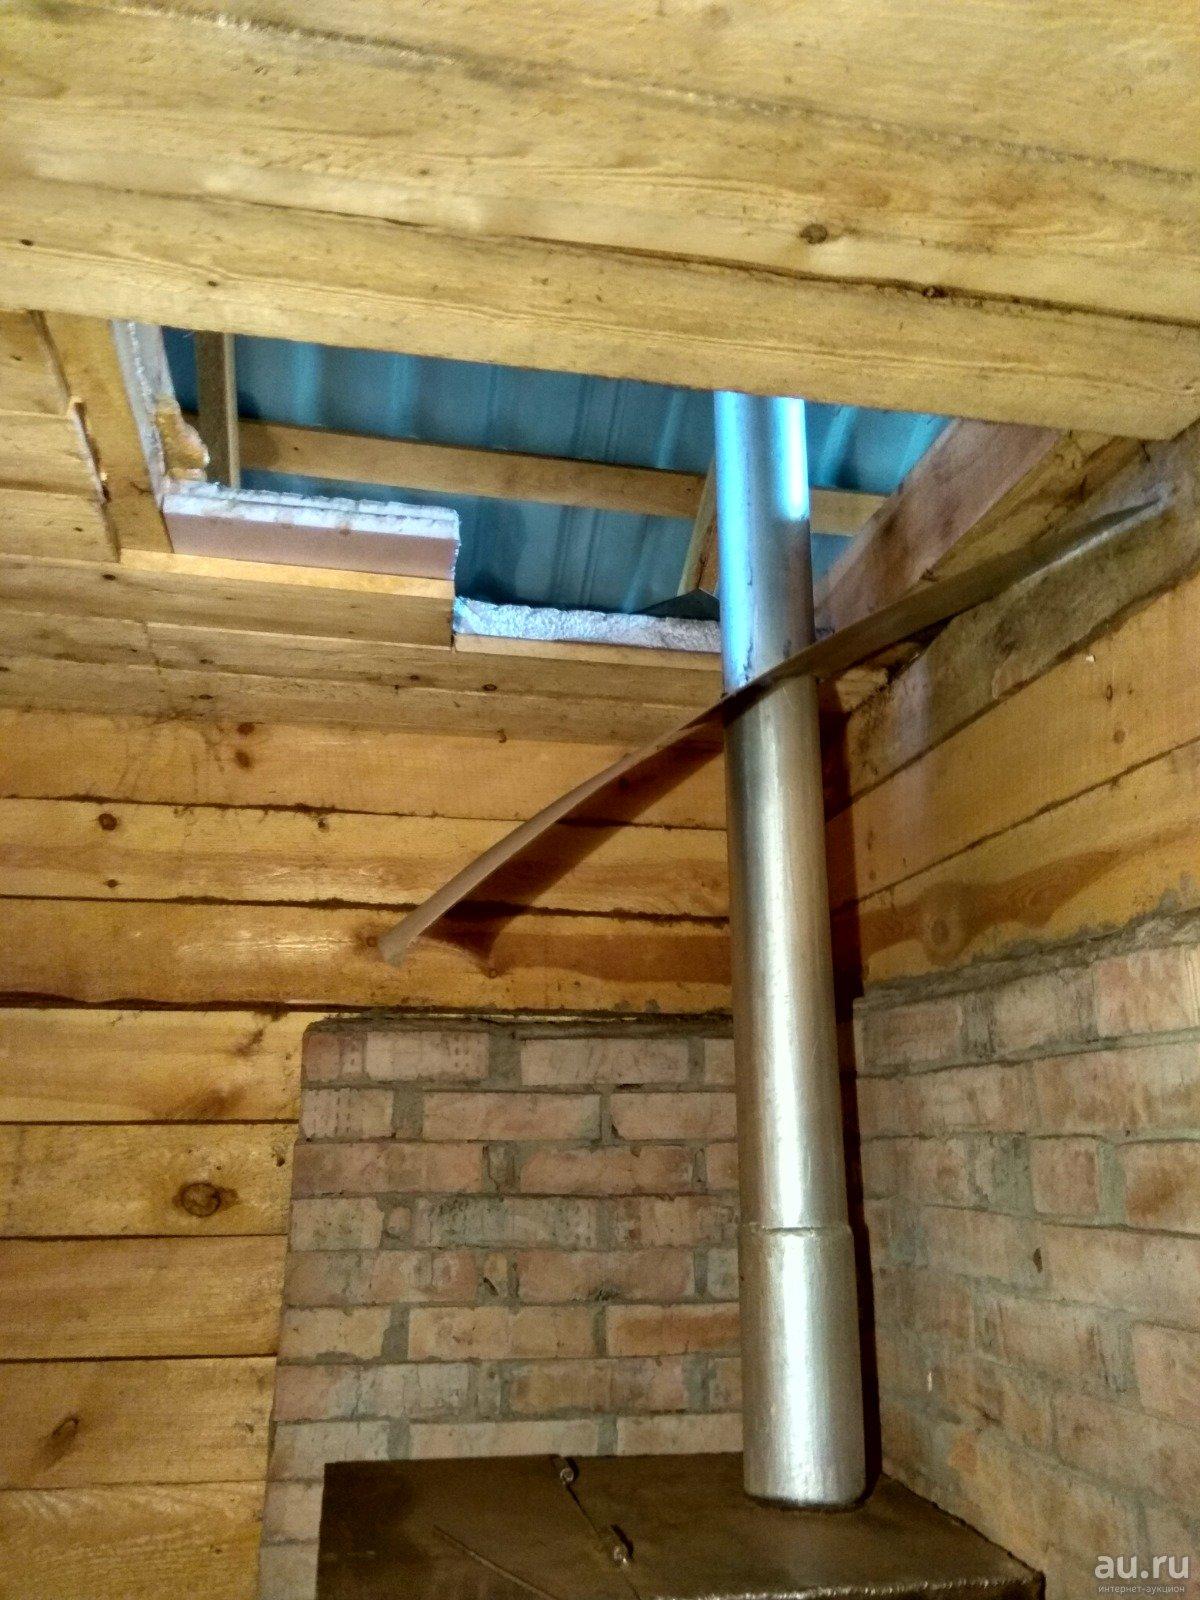 Изоляция трубы в бане: чем обернуть дымоход от возгорания, как сделать в сауне, как изолировать от потолка, чем обложить от печки